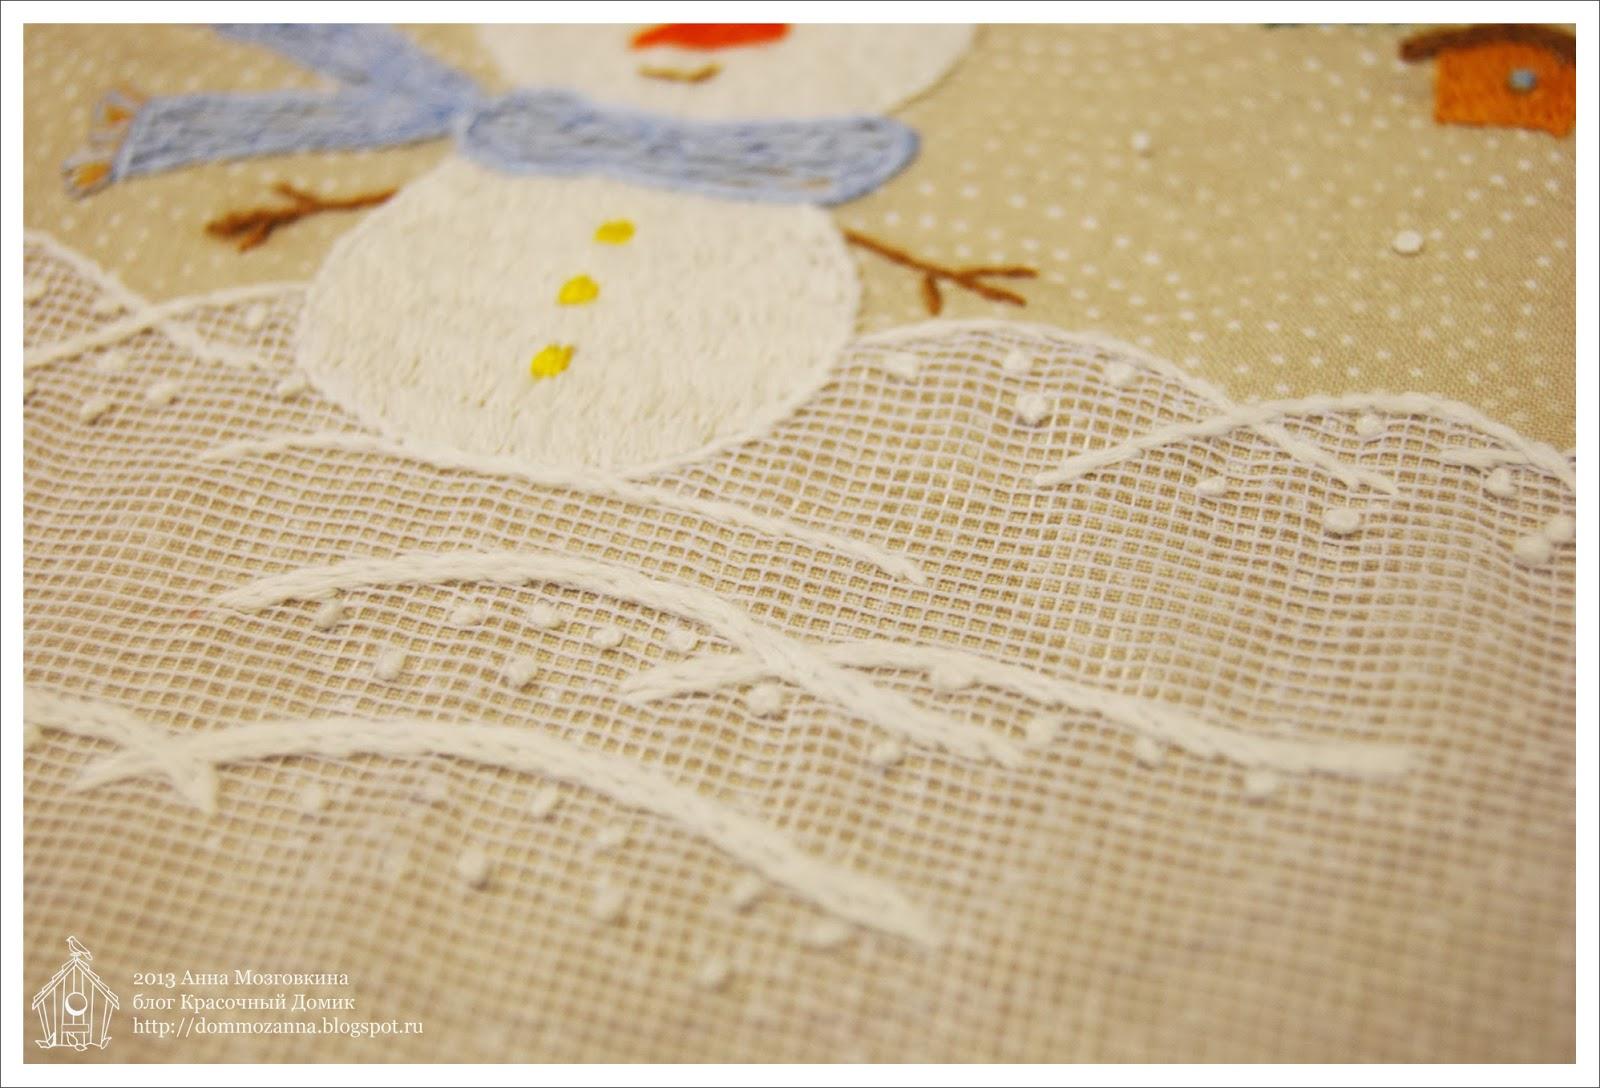 Ирина Китаева Зимняя сказка вышивка